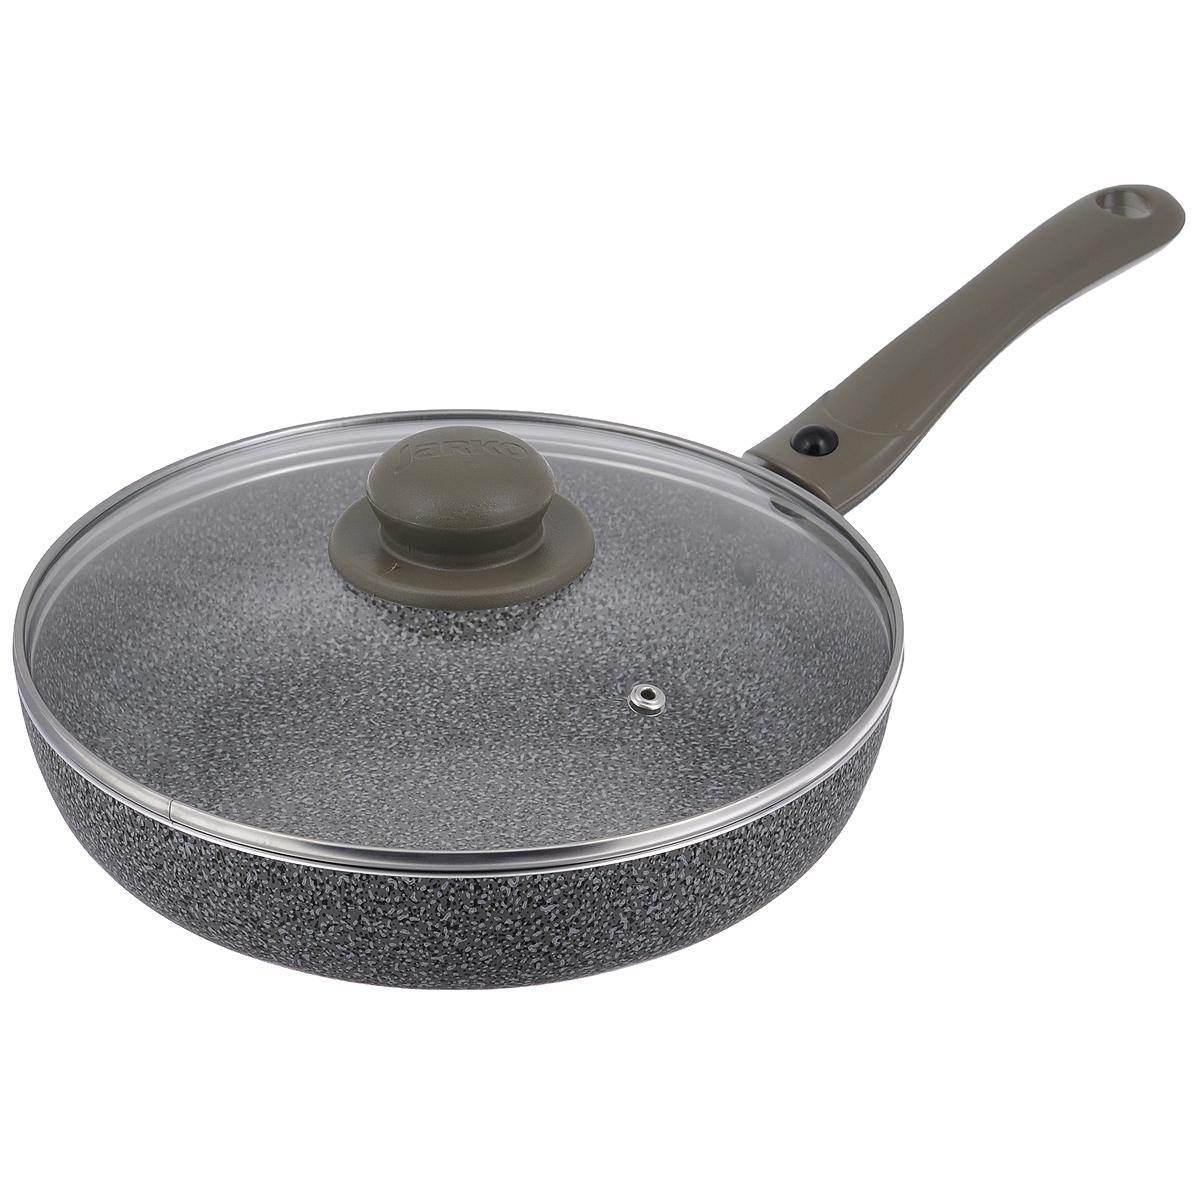 Сковорода Jarko Onyx с крышкой, с антипригарным покрытием, со съемной ручкой, цвет: серый. Диаметр 24 смJO-124-21